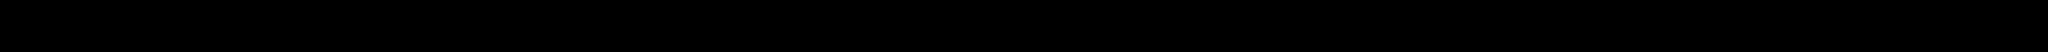 HELLA 0233304-5, 18-ZZ0233304-5, E400148, X825 107 045 000, 3981604 Zarovka, dalkovy svetlomet